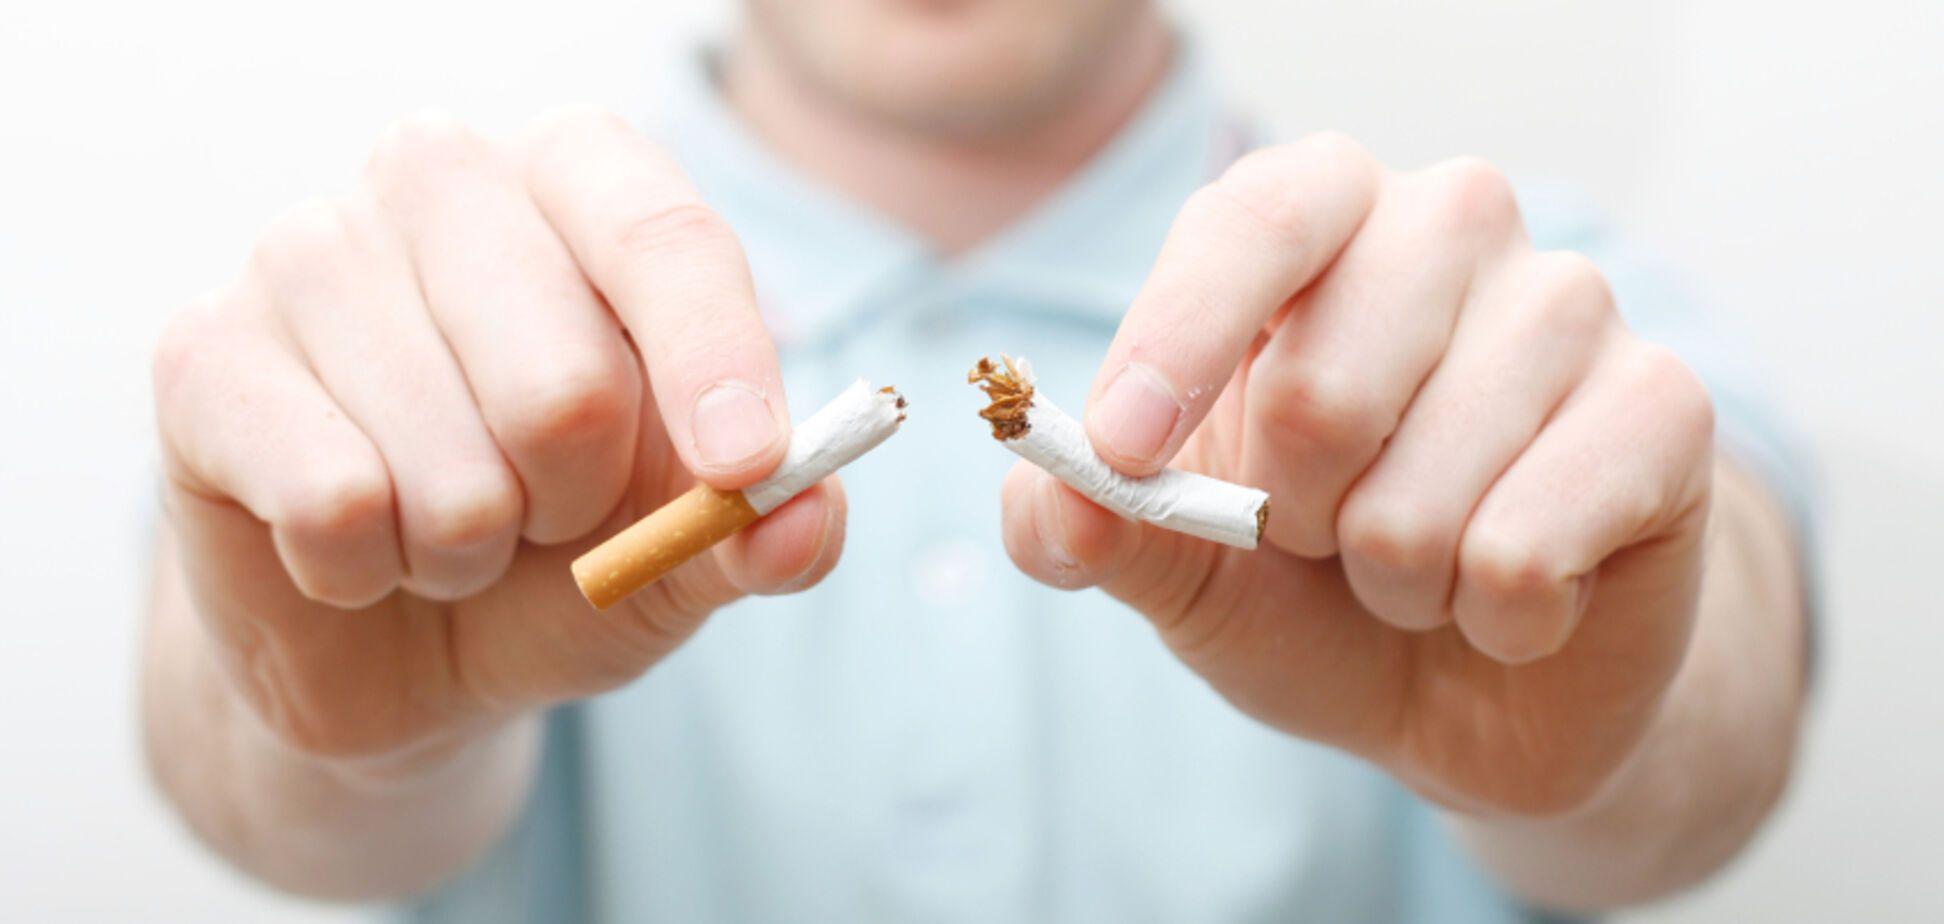 З'їдає нікотин: знайдений революційний спосіб боротьби з курінням